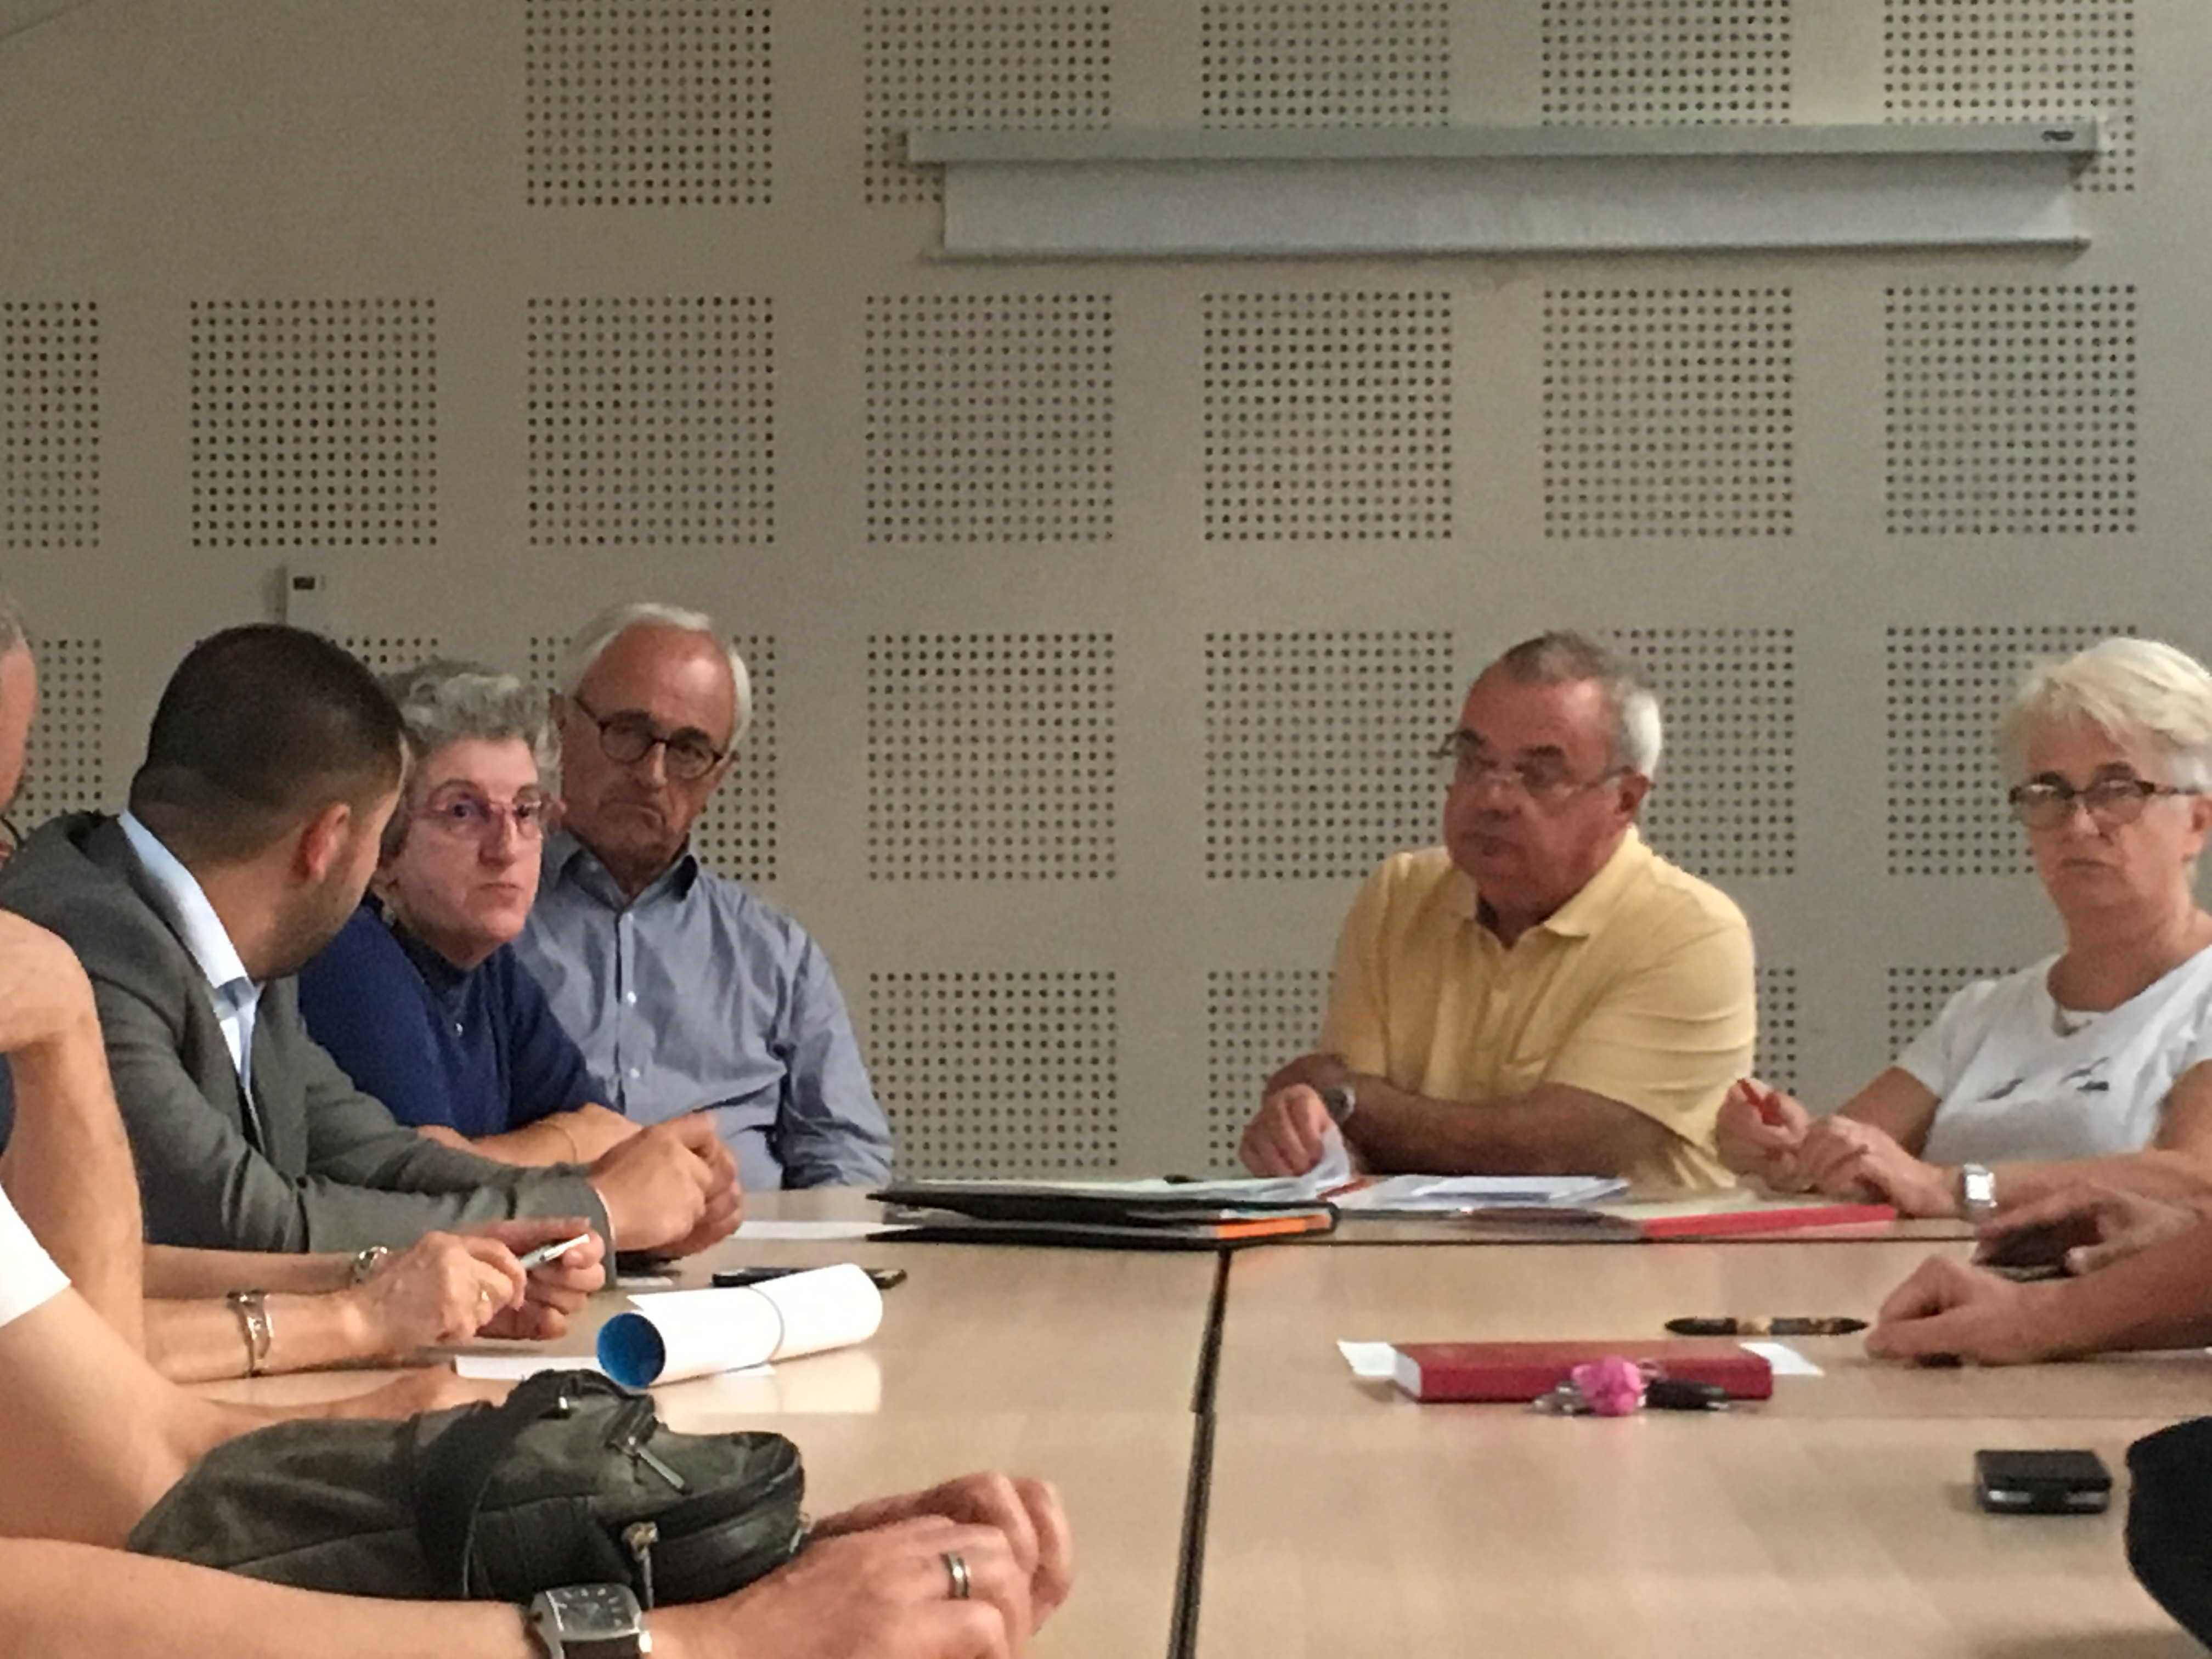 Solidarit villars ensemble - Pacte energie solidarite 2017 ...